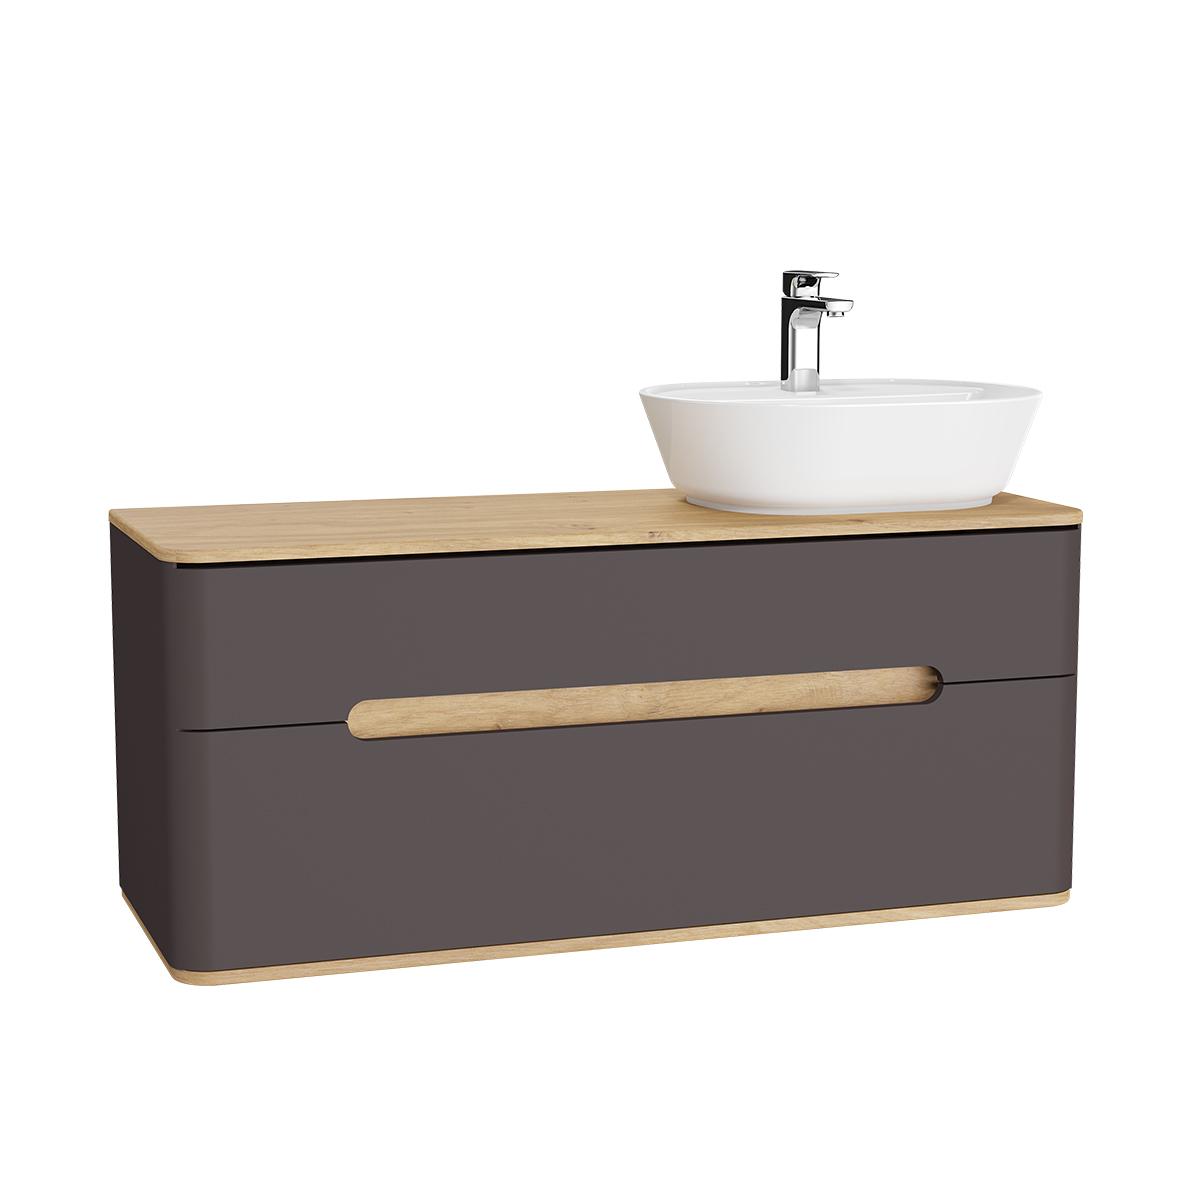 Sento Waschtischunterschrank, 122 cm, für Aufsatzwaschtische, mit 2 Vollauszügen, Waschtisch-Ausschnitt rechts, Anthrazit Matt